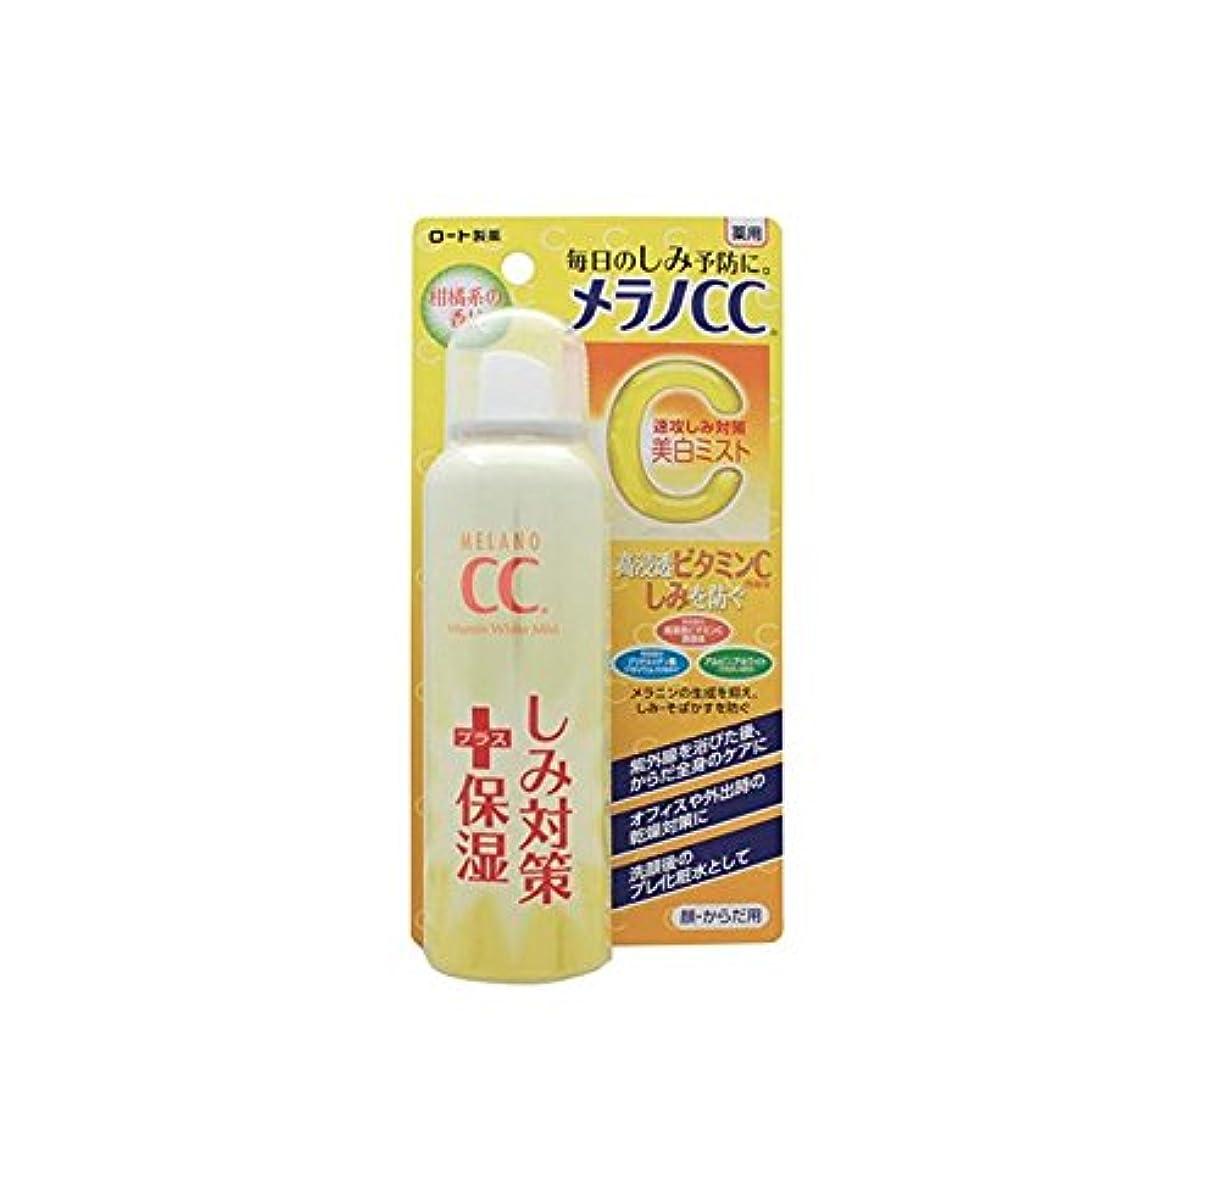 熱常にリマメラノCC 薬用しみ対策 美白ミスト化粧水 100g【医薬部外品】